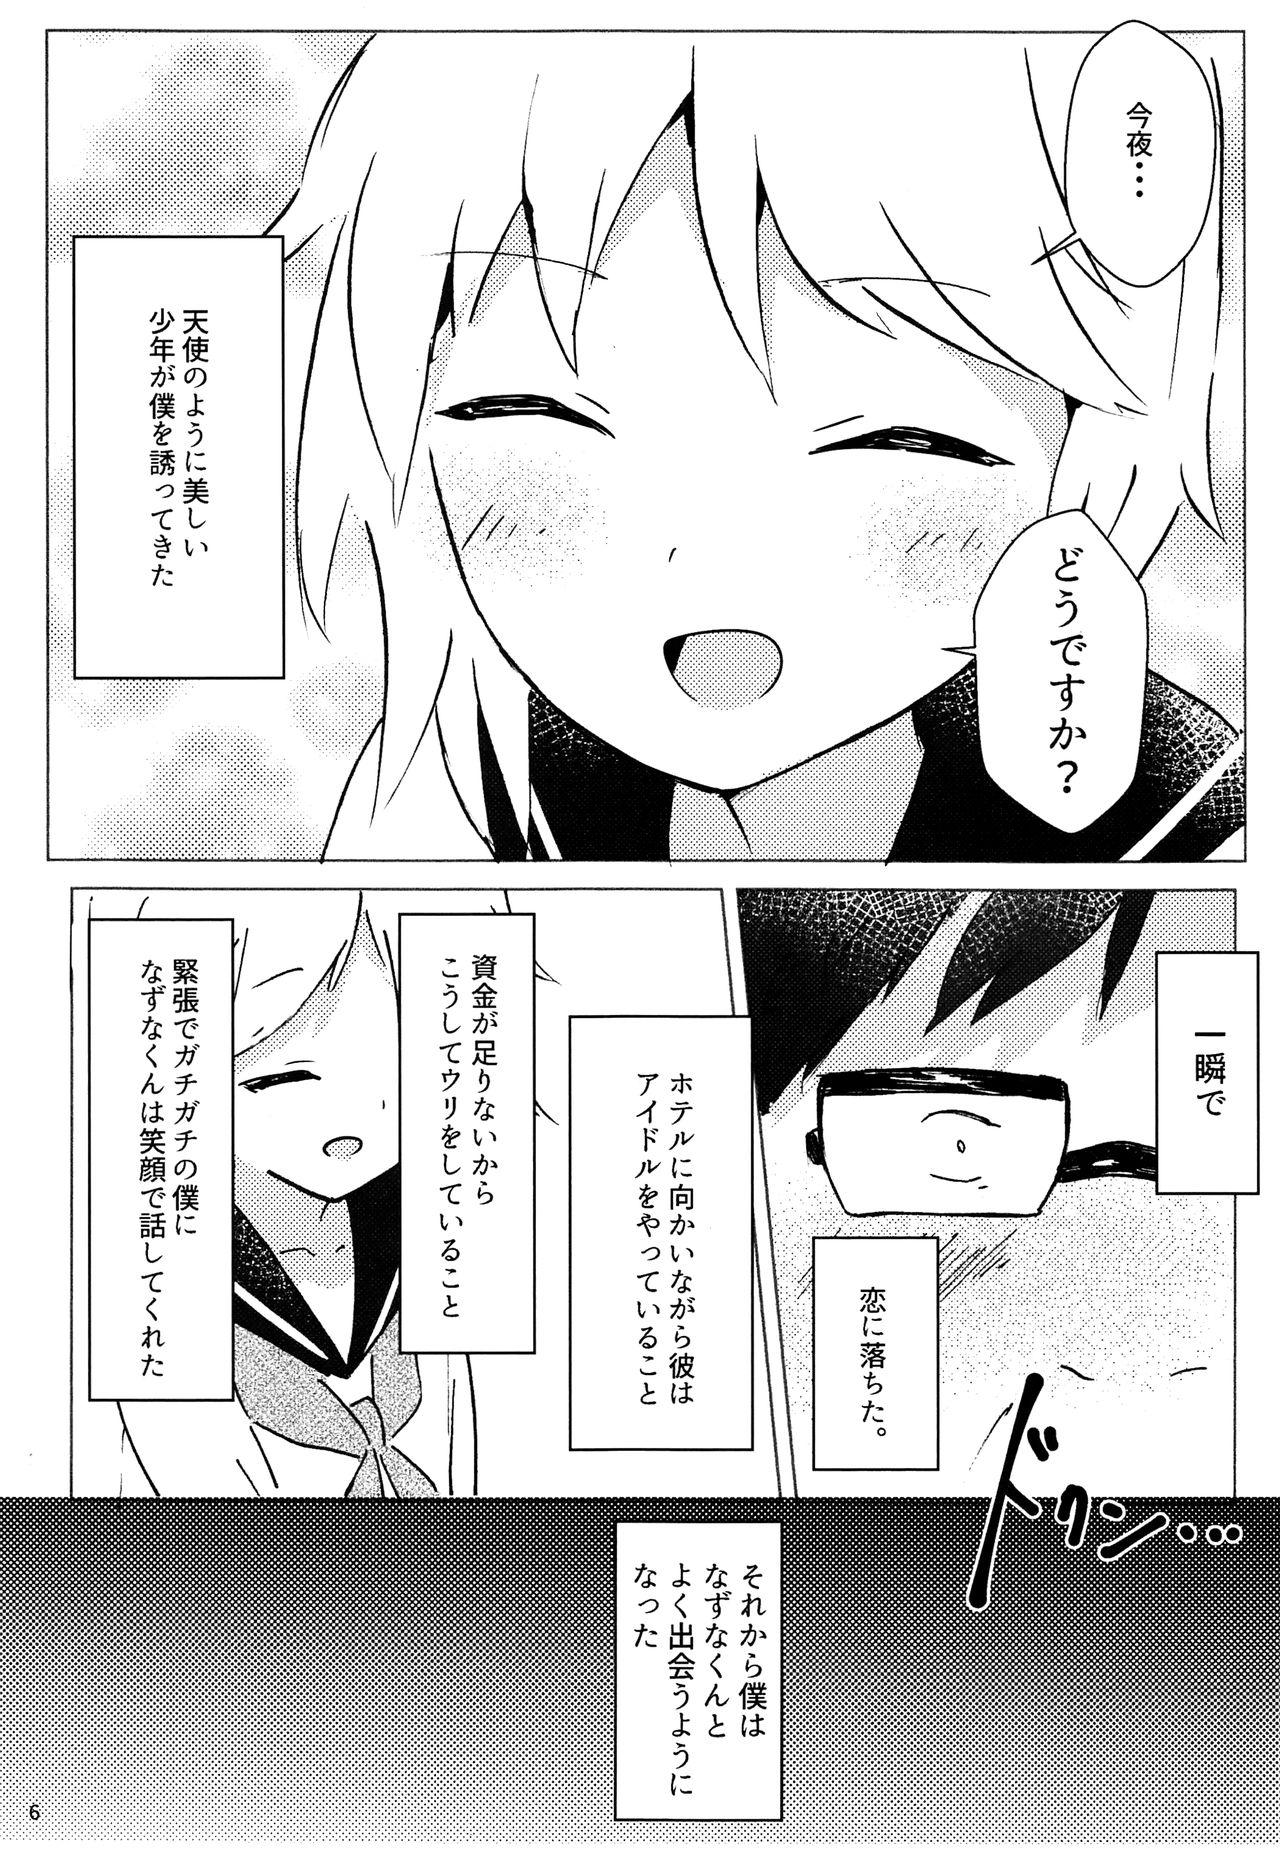 Nazuna-kun to Ecchi 5